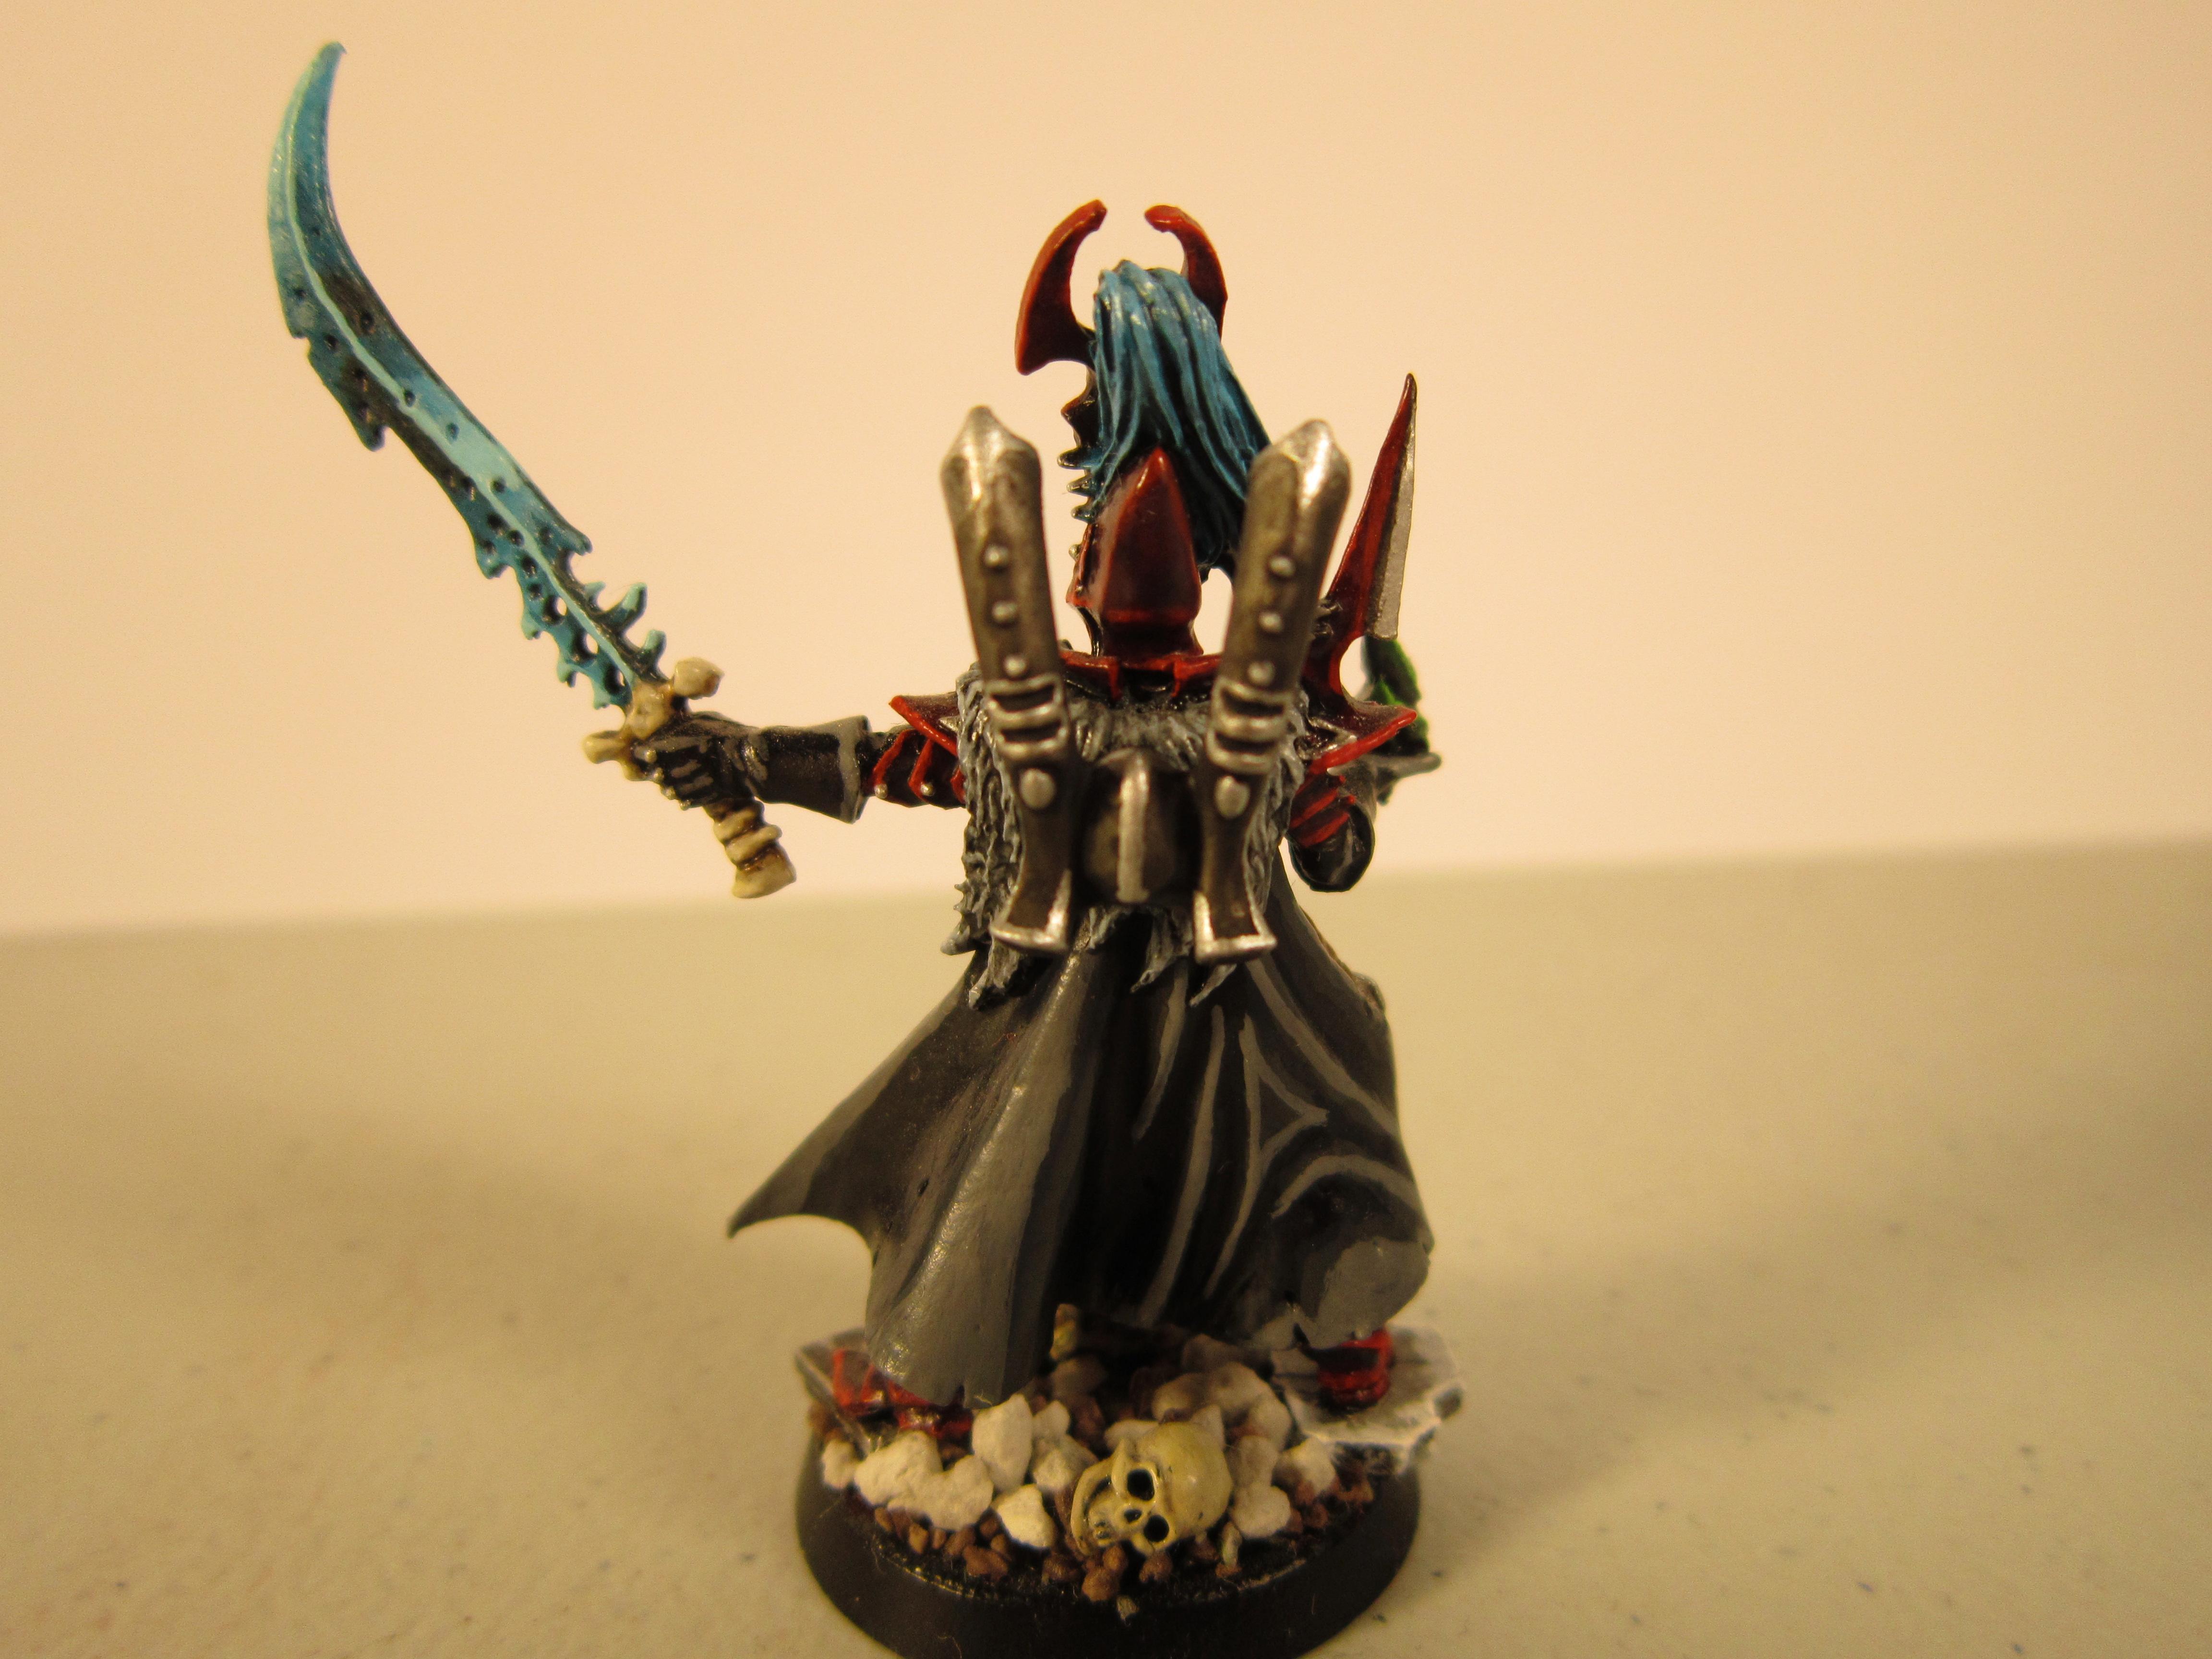 Archon, Dark Eldar, De, Eldar, Haemonculus, Haemy, Raider, Ravager, Reaver, Wych, Wyches